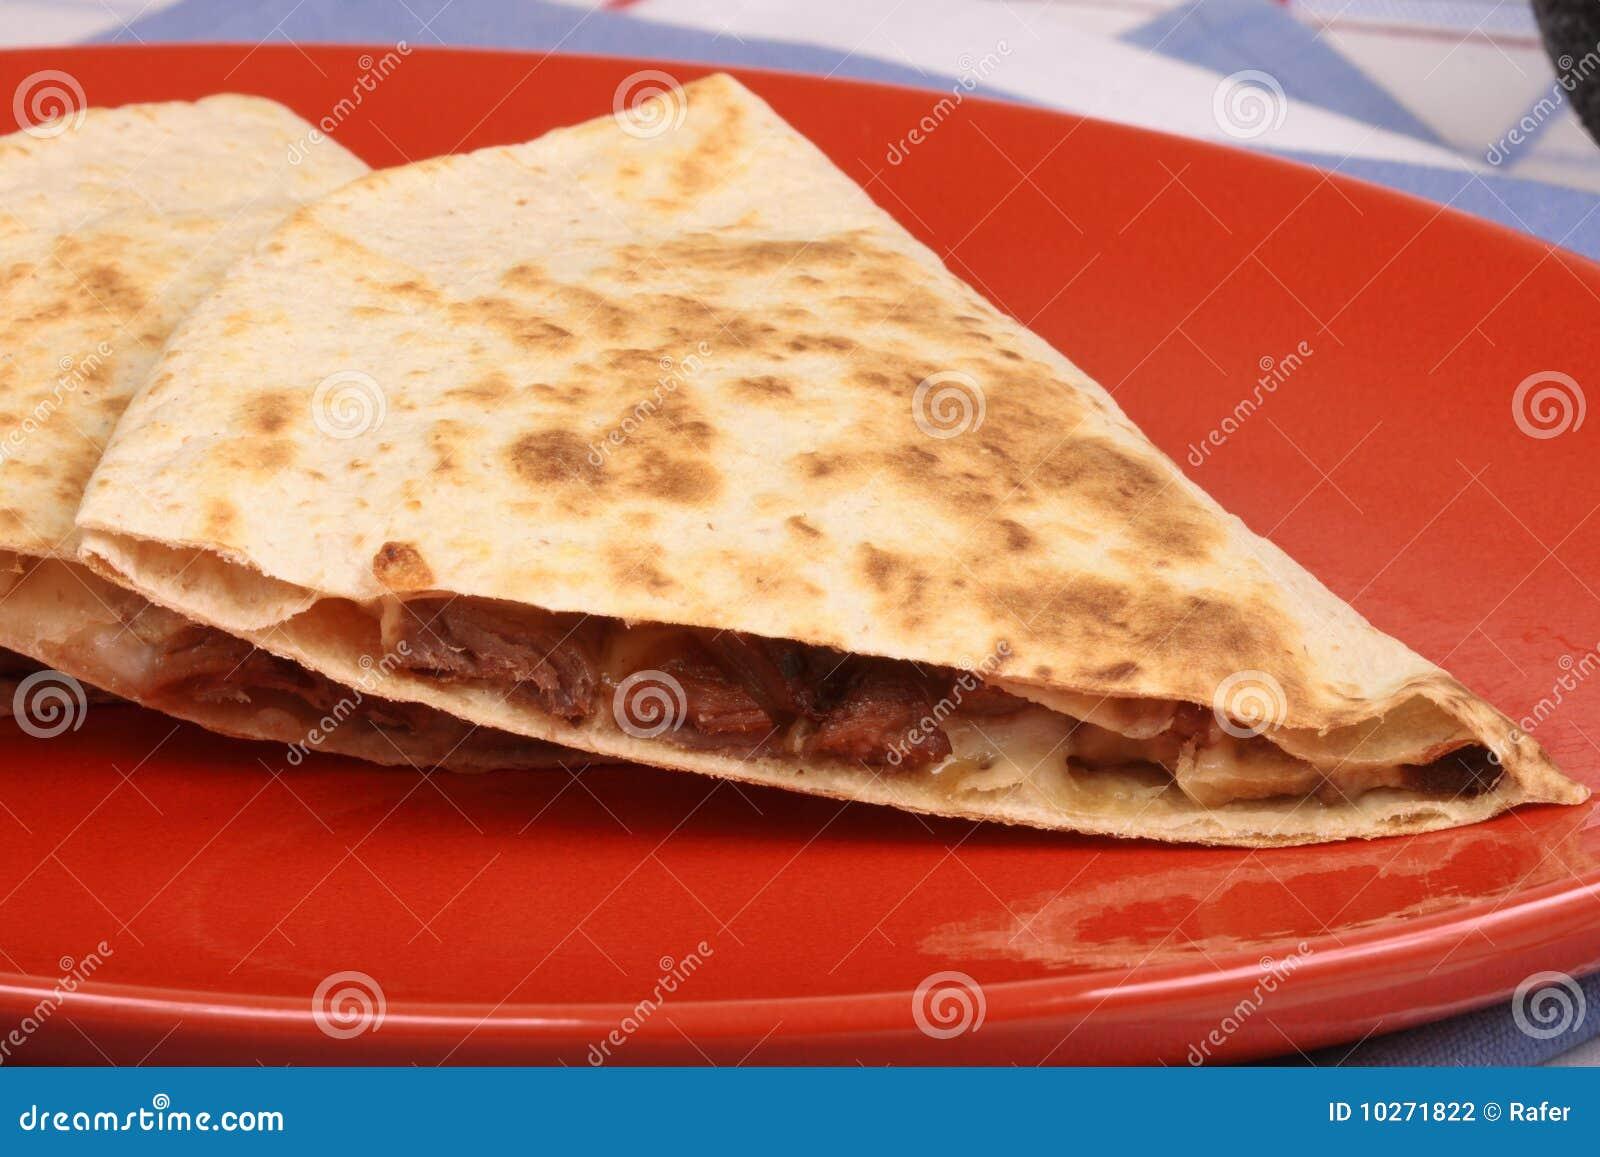 Mexican Restaurant Quesadilla